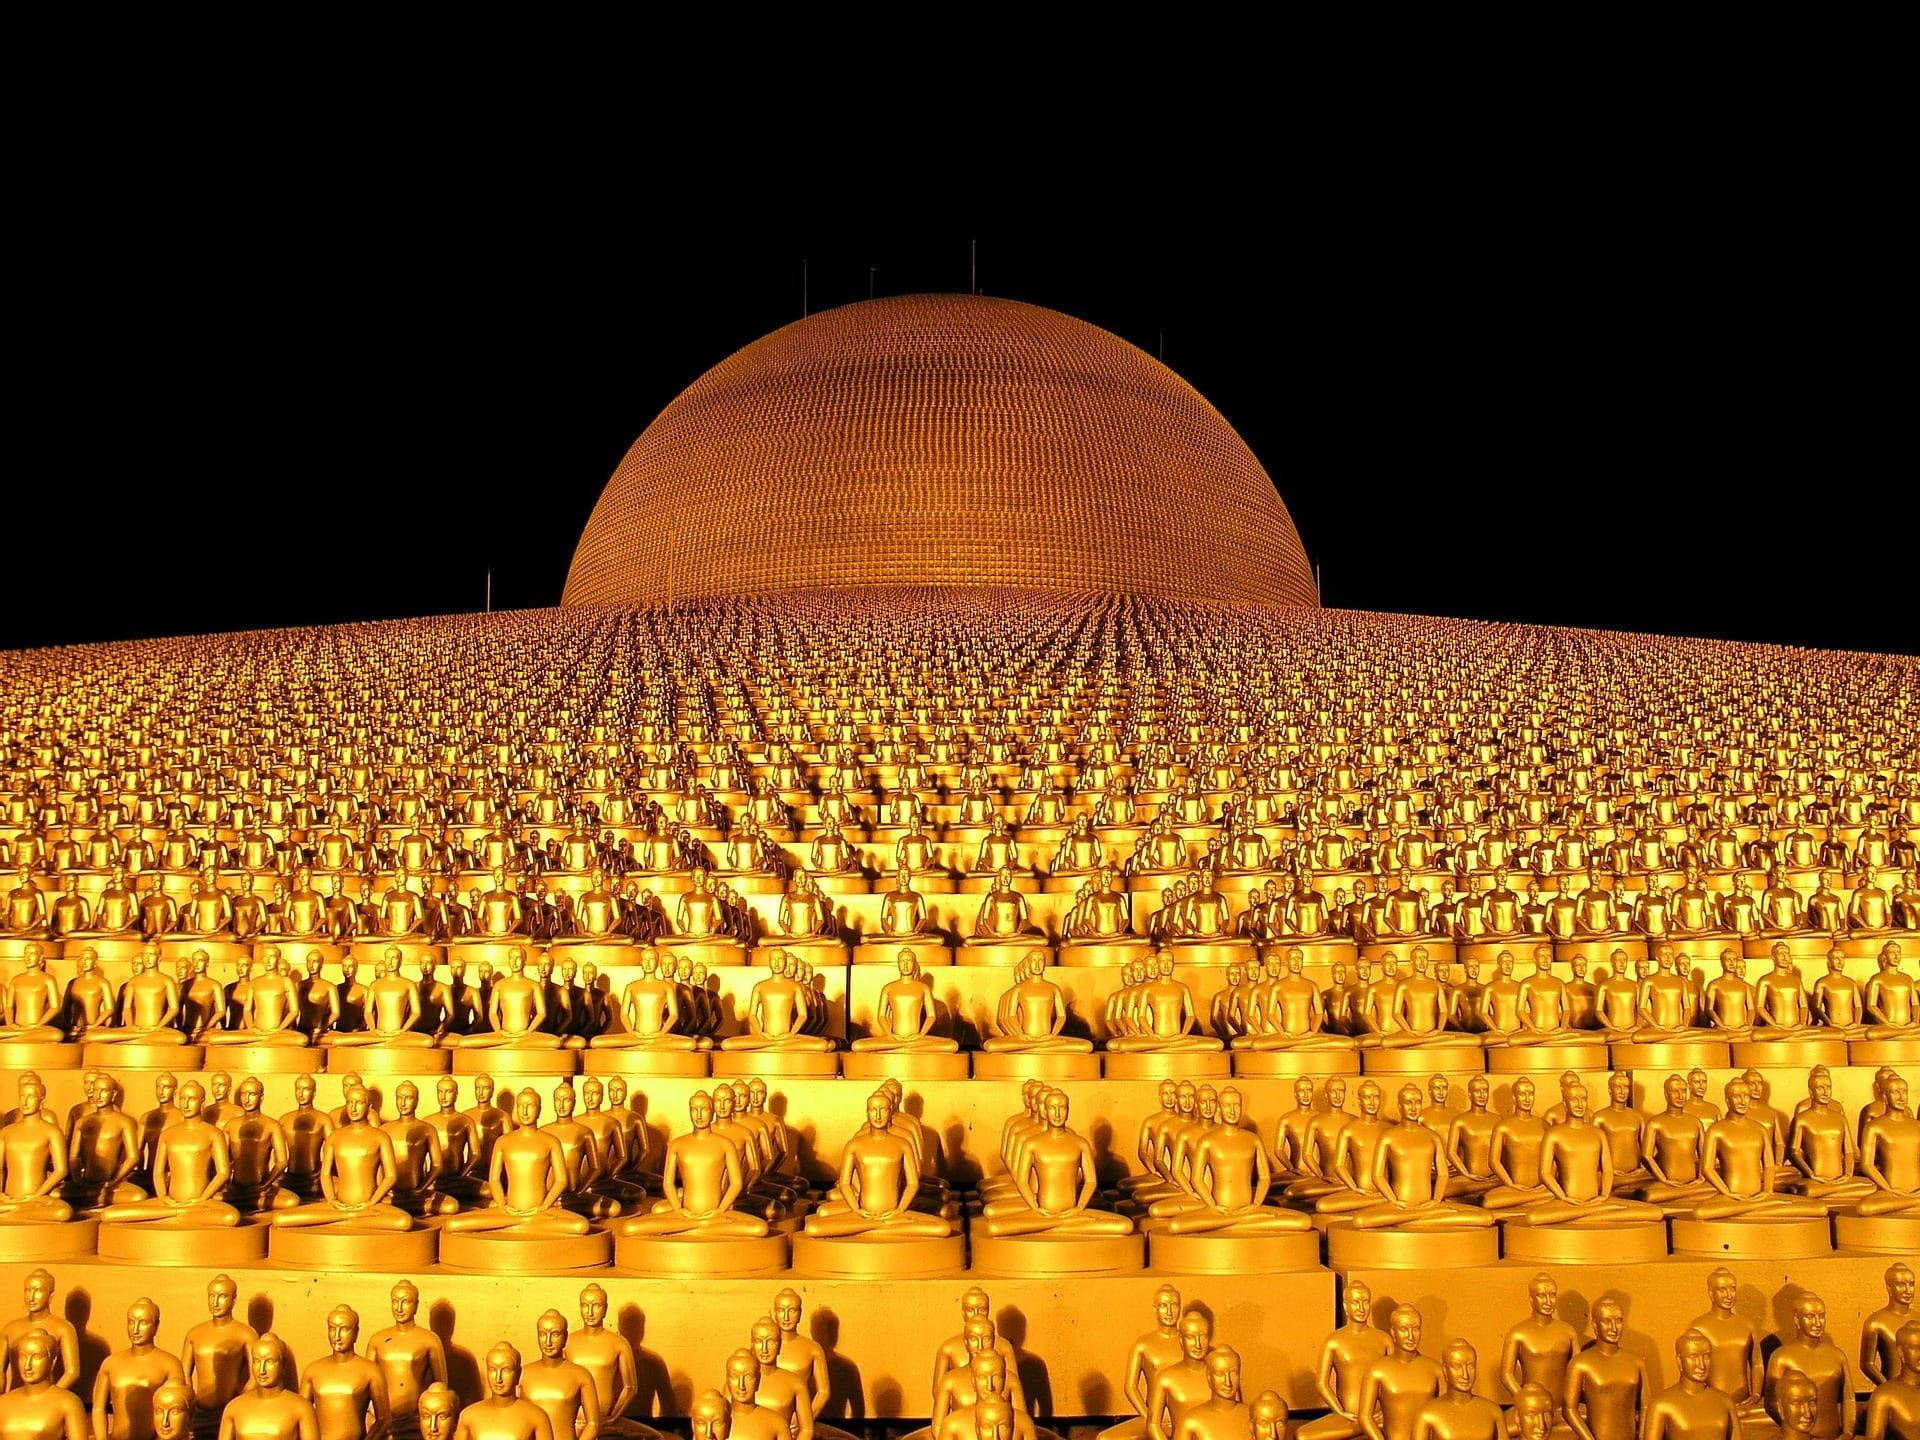 Tailandia: 200.000 fedeli celebrano una ricorrenza su un megaschermo